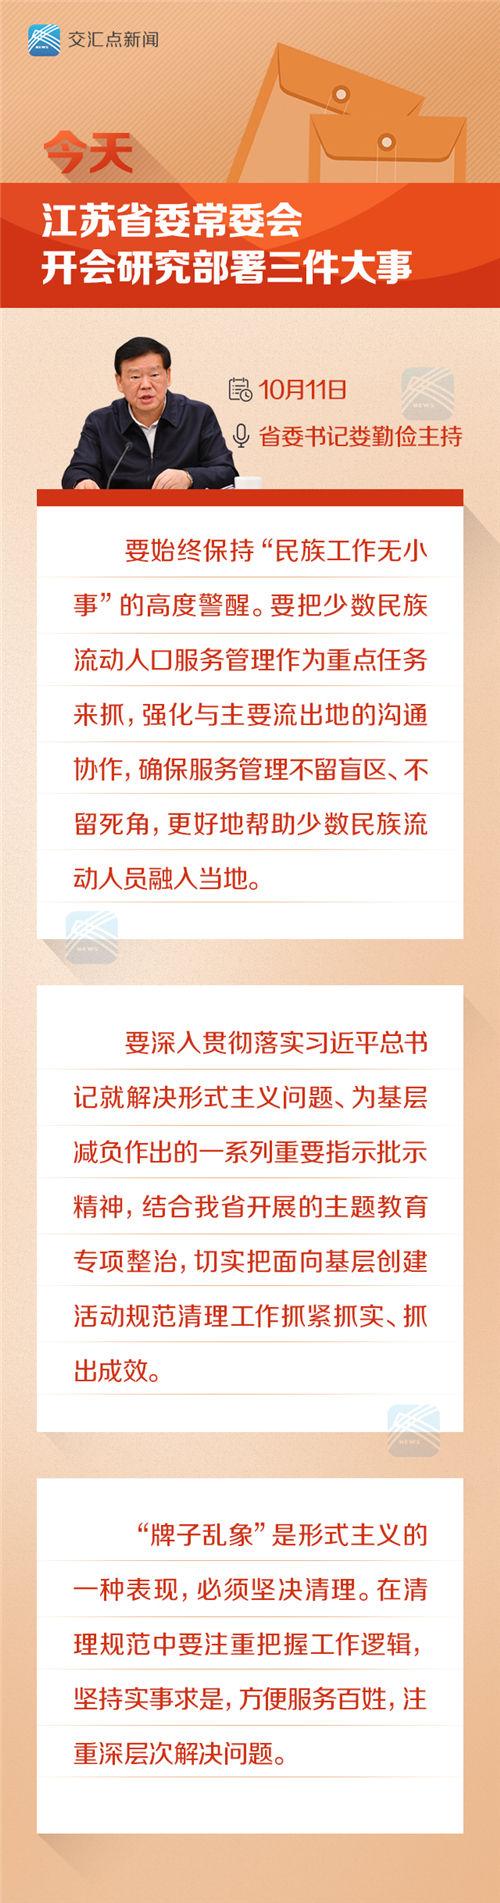 """江苏:""""牌子乱象""""是形式主义的一种表现 须坚决清理"""